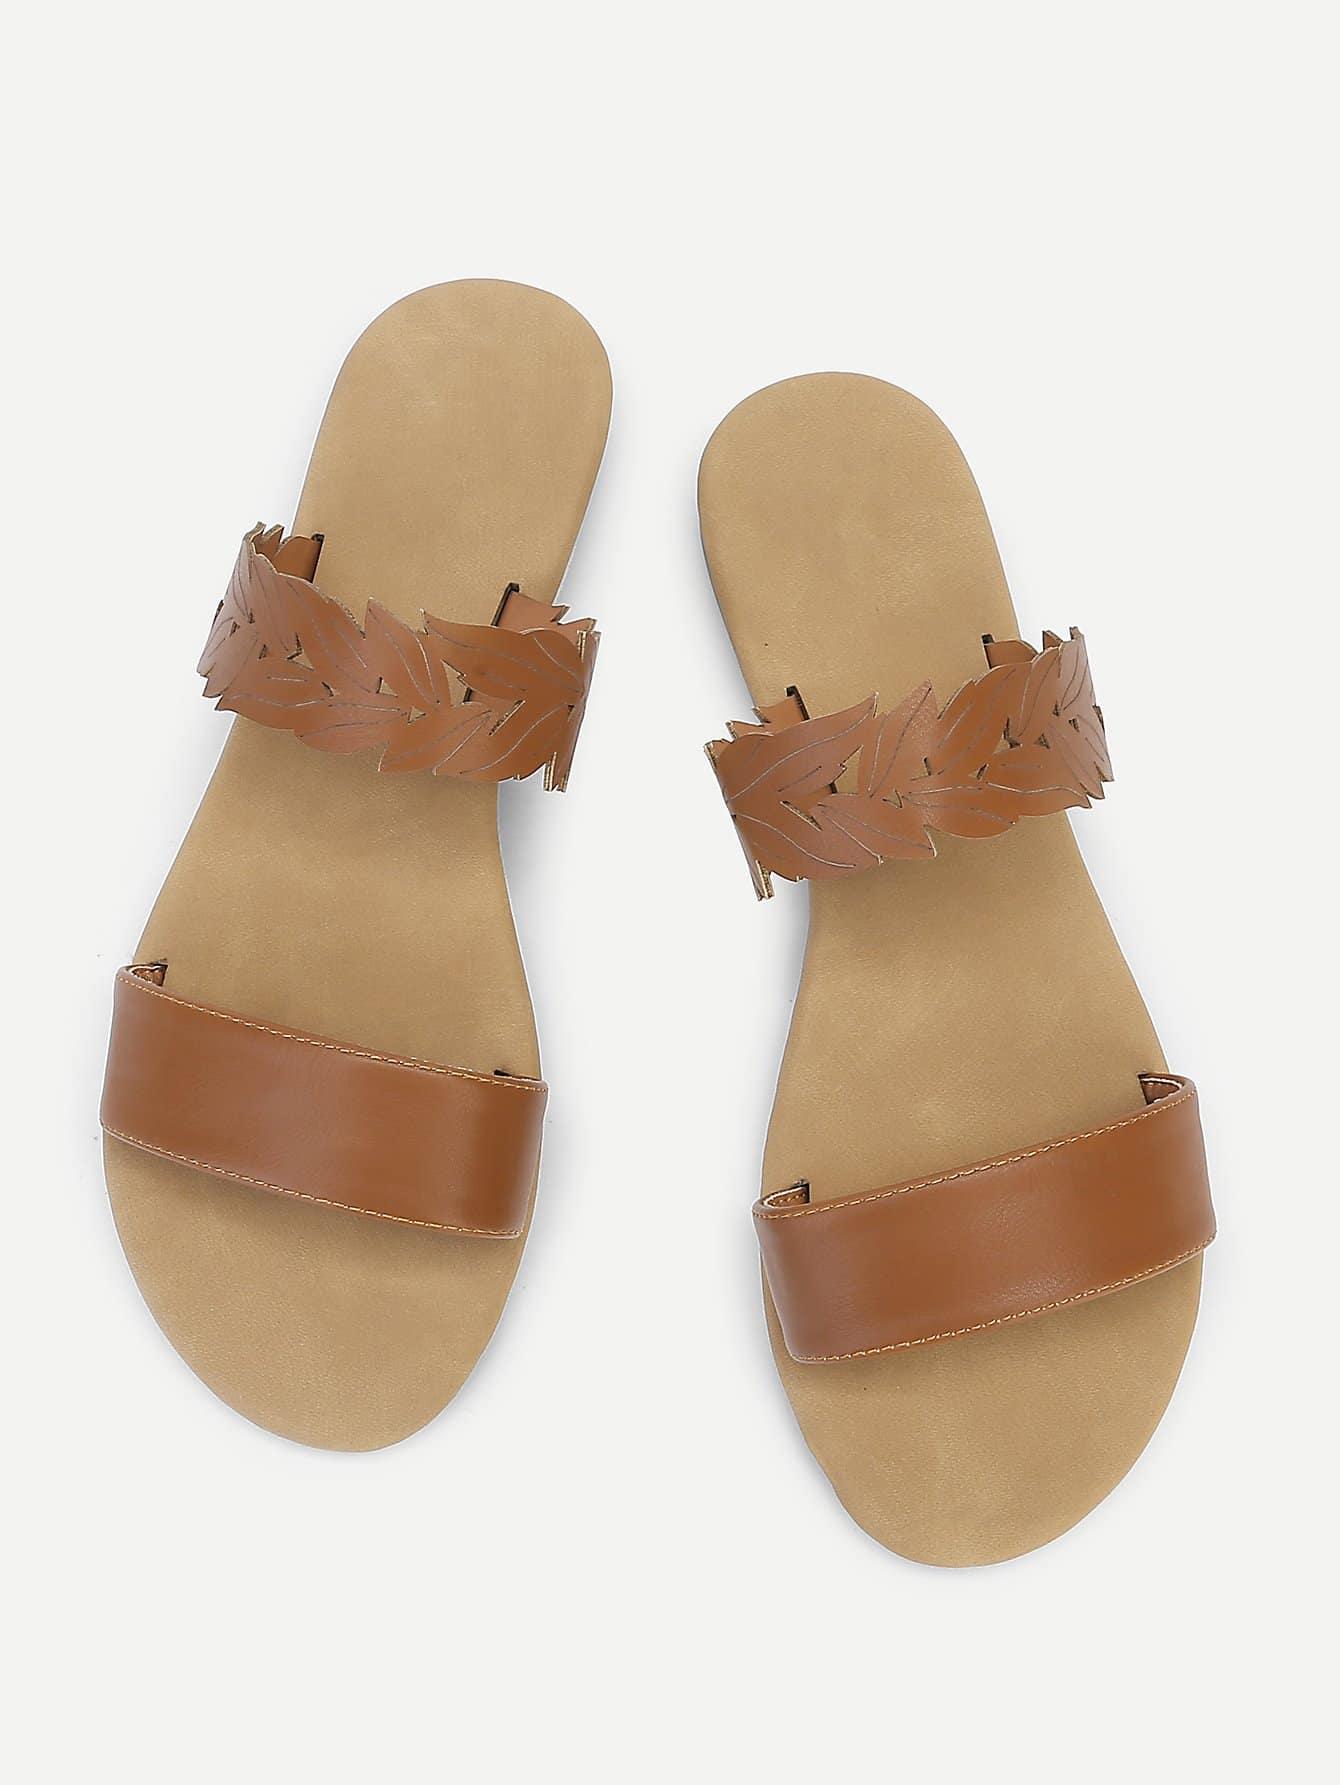 Leaf Design PU Flat Sandals цена 2017